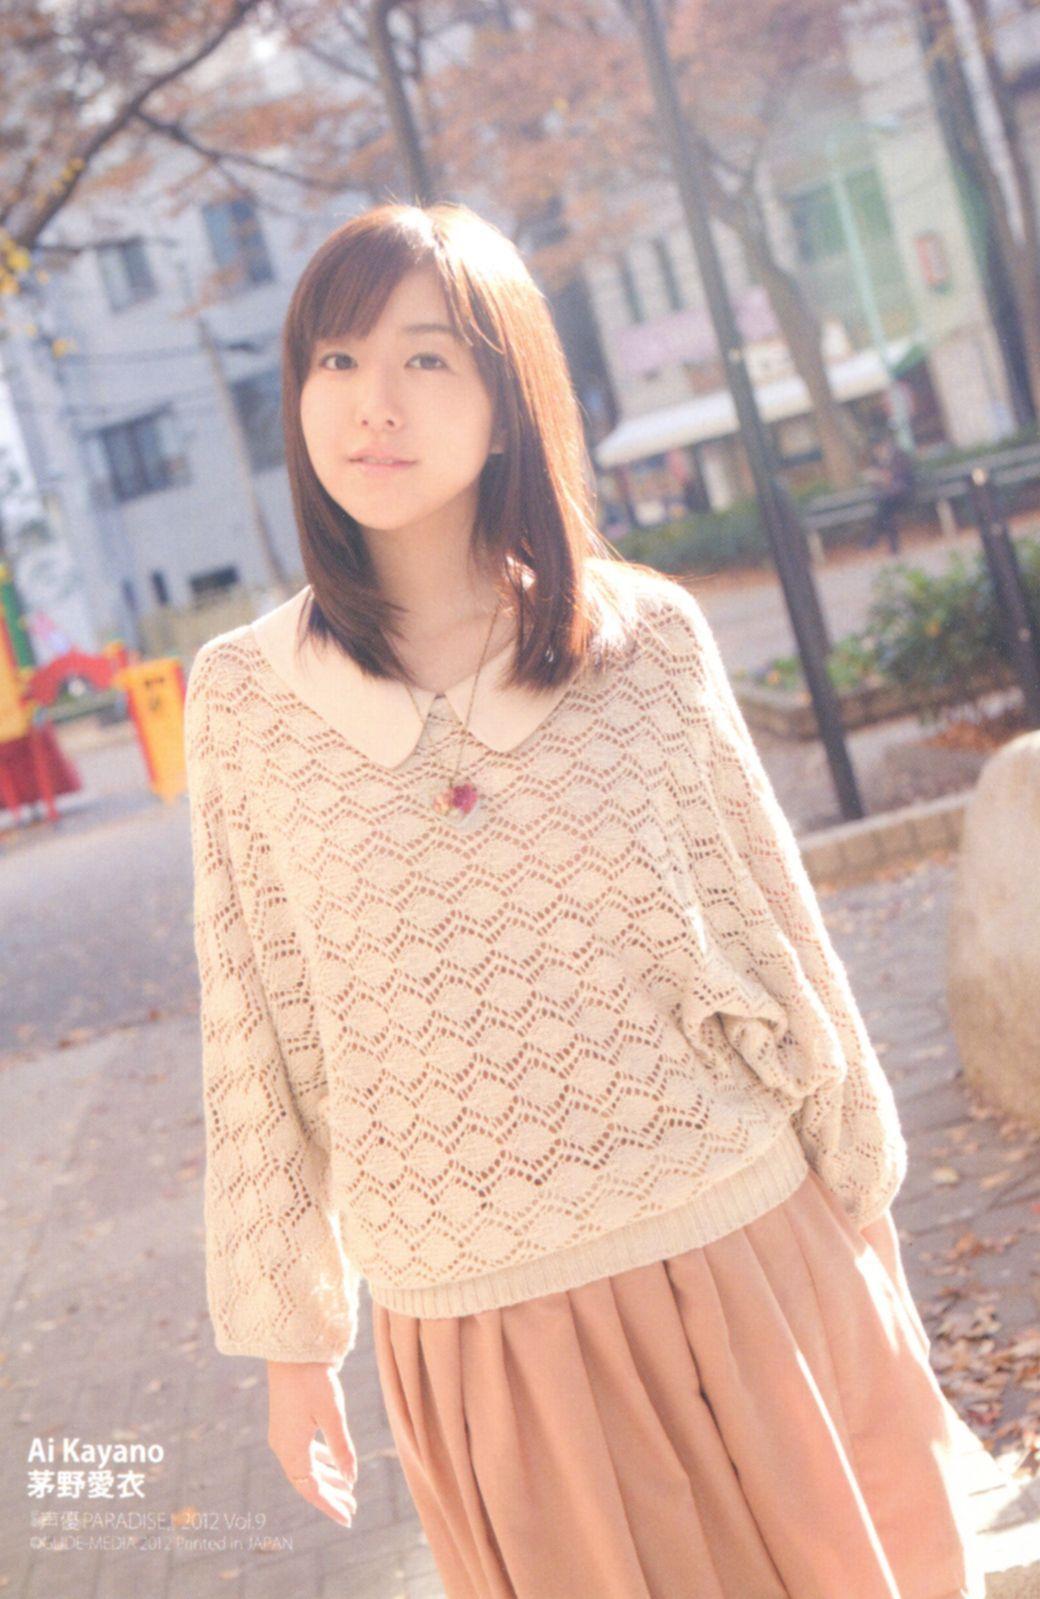 茅野愛衣の画像 p1_4